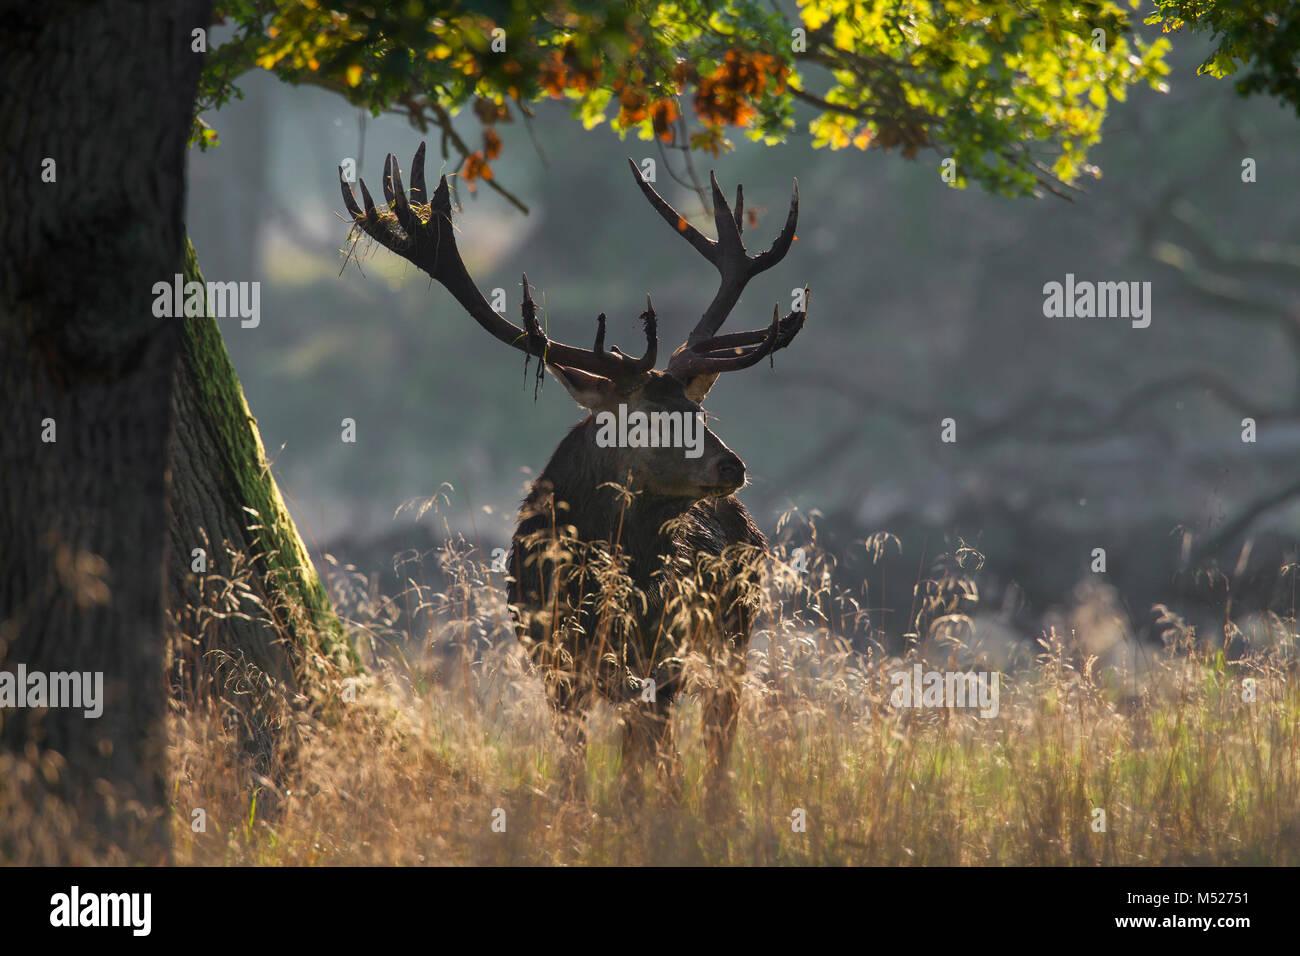 Red Deer (Cervus elaphus) cerf avec bois recouvert de boue et de végétation au cours du rut en forêt Photo Stock